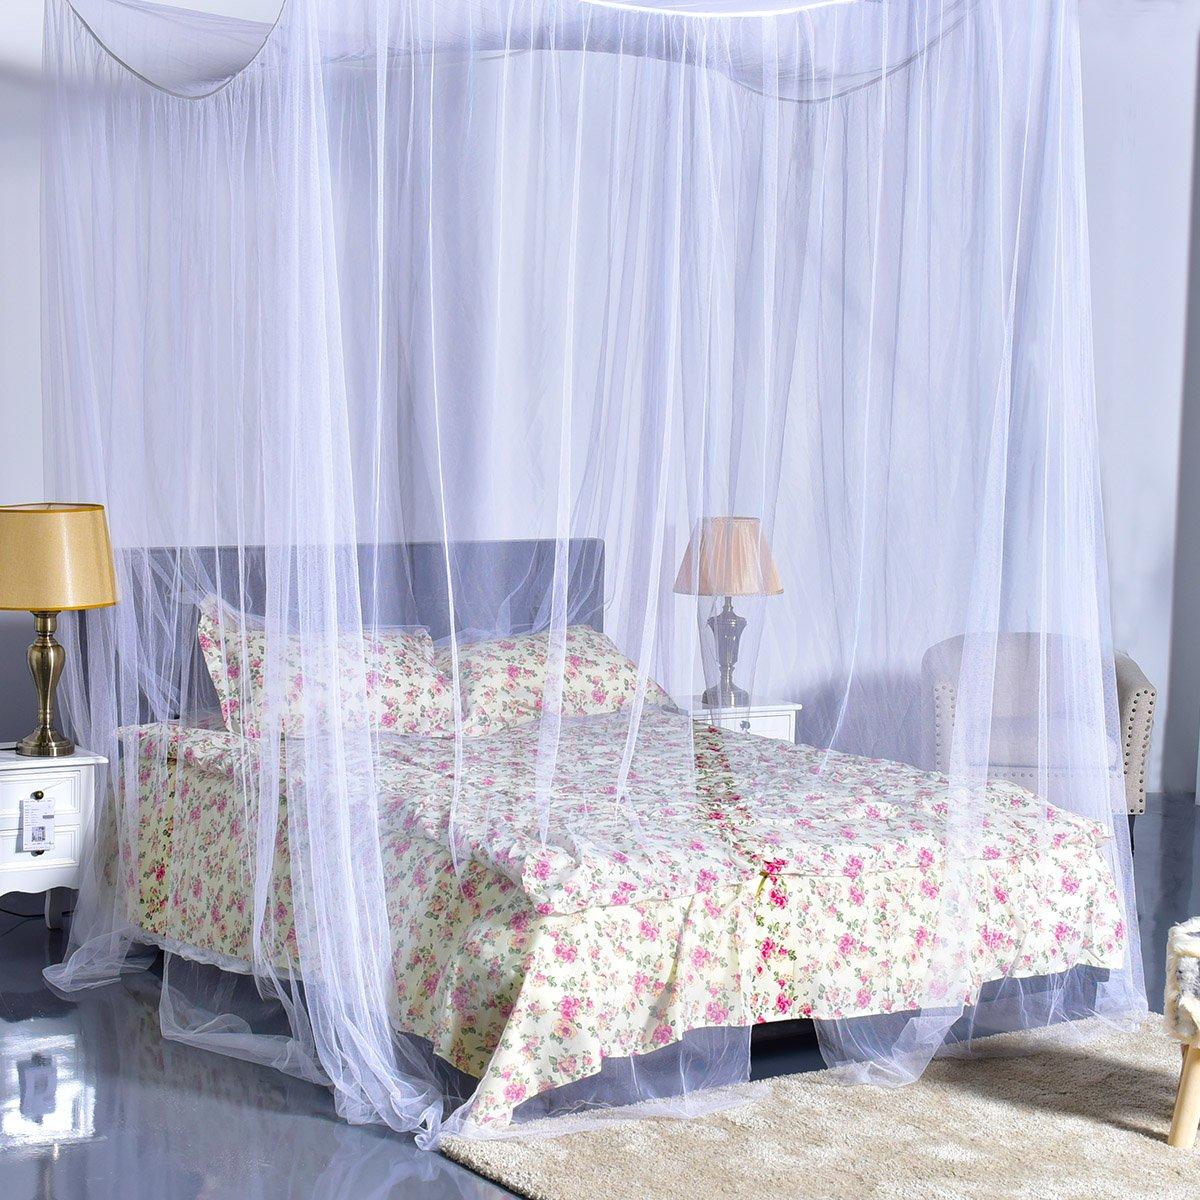 Goplus 4 Corner Post Bed Canopy Mosquito Net Full Queen